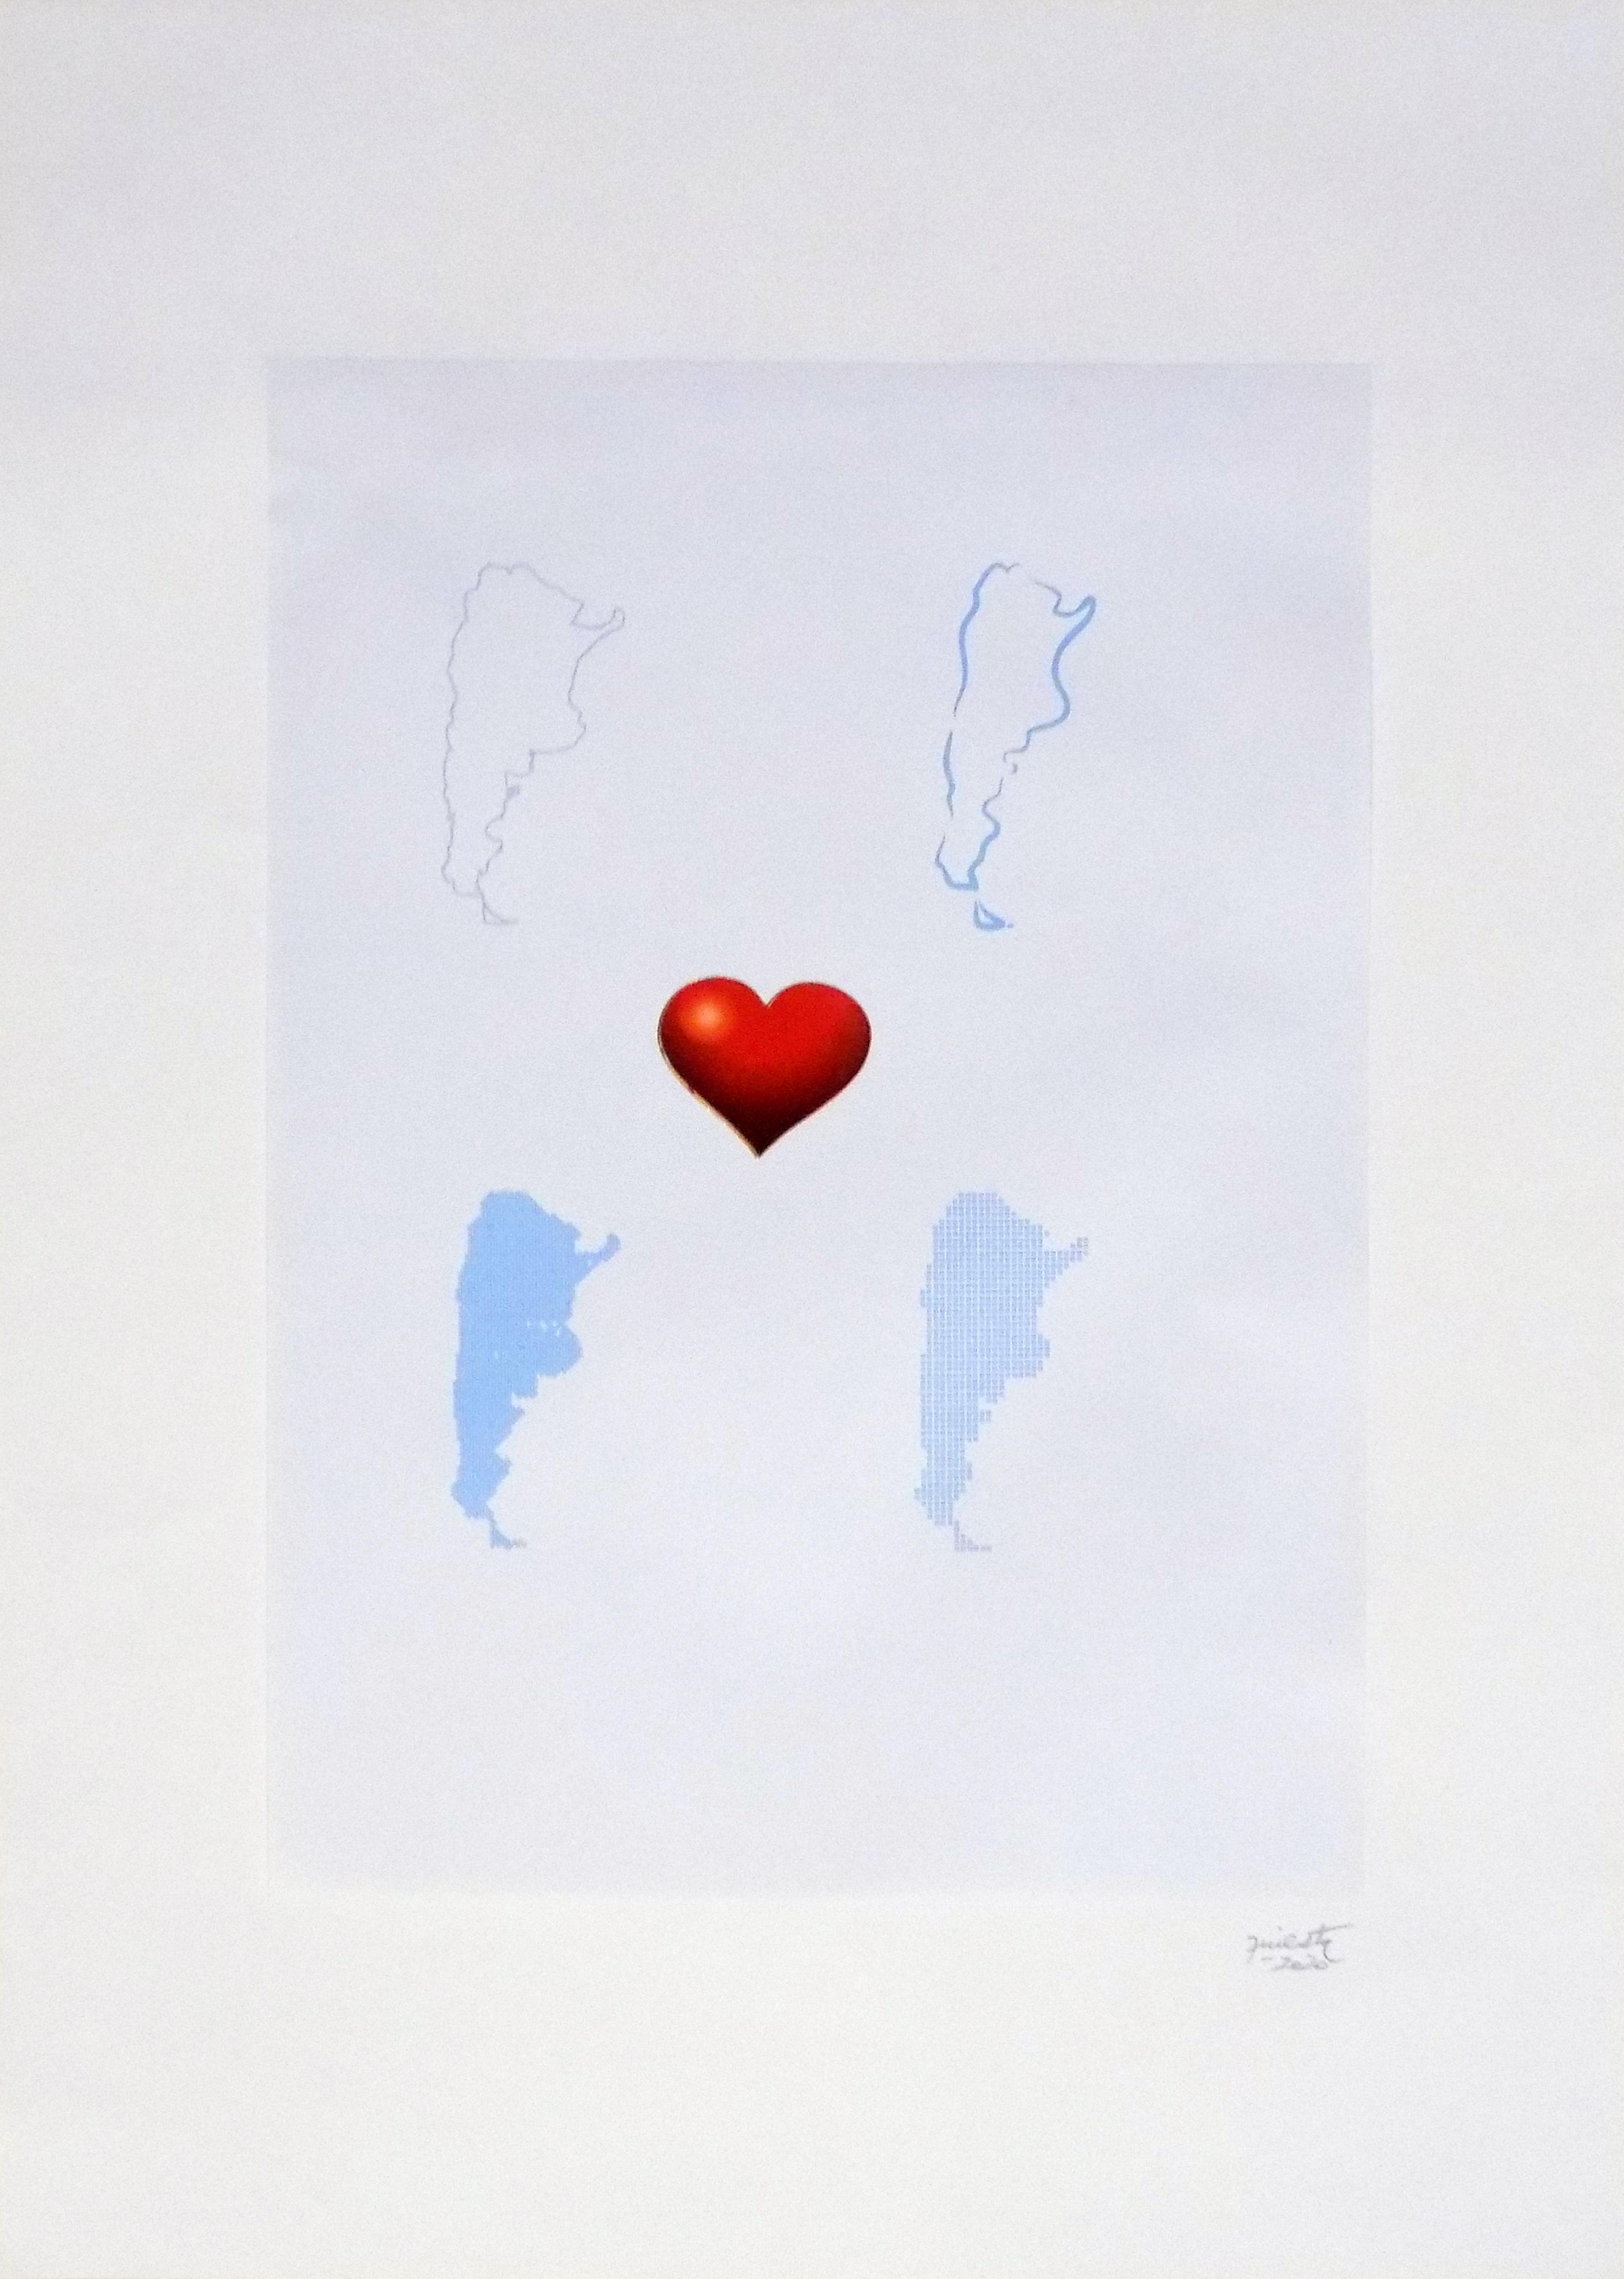 País cuatro versiones, serie La sutileza de la imagen_papel collage 30 cm x 22 cm 2020